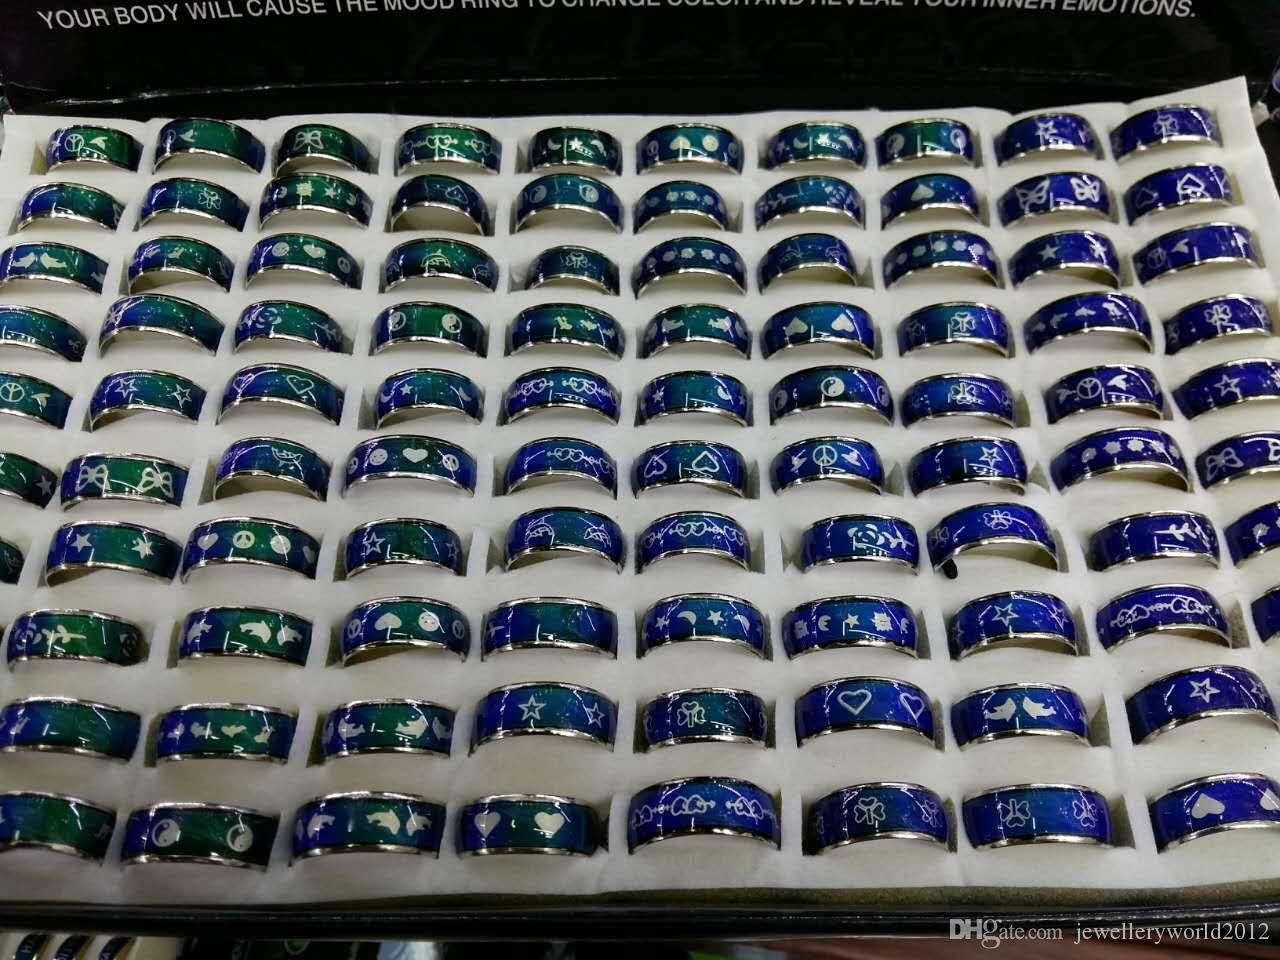 Оптовая печать кольца настроение кольца цвета Персиковое сердце, буквы, символы мира настроение кольцо микс дизайн микс размер